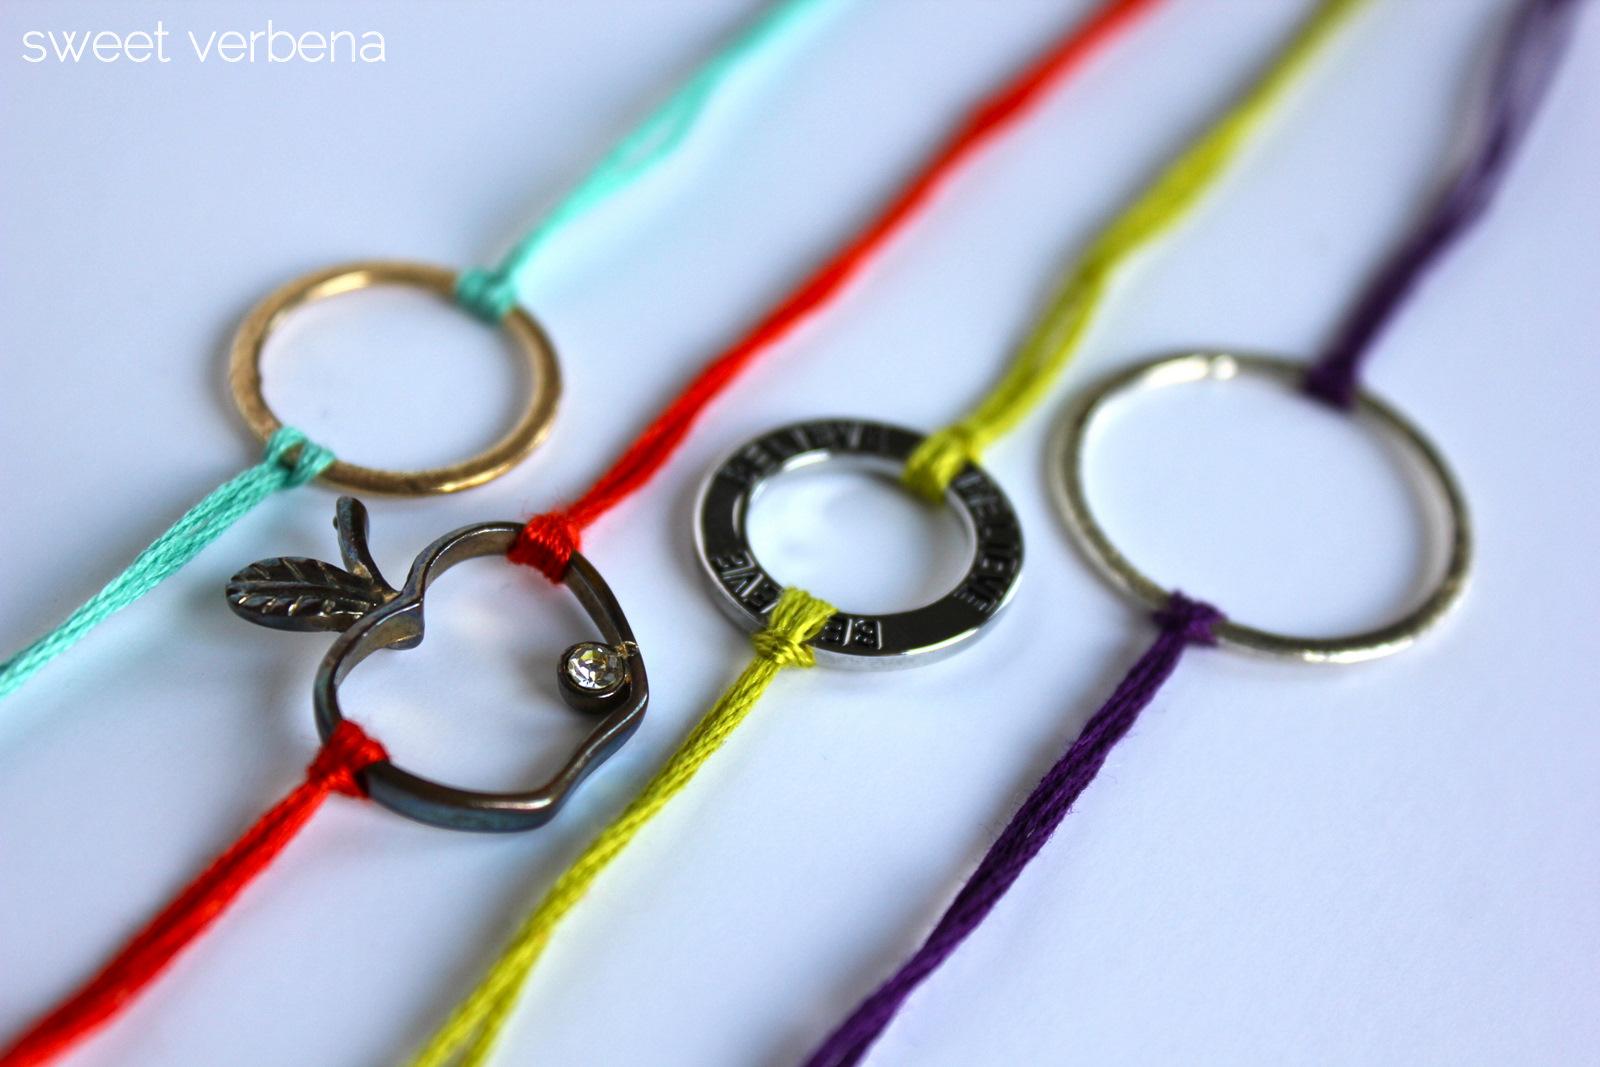 Bracelets a tutorial sweet verbena - Regalos originales hechos a mano ...